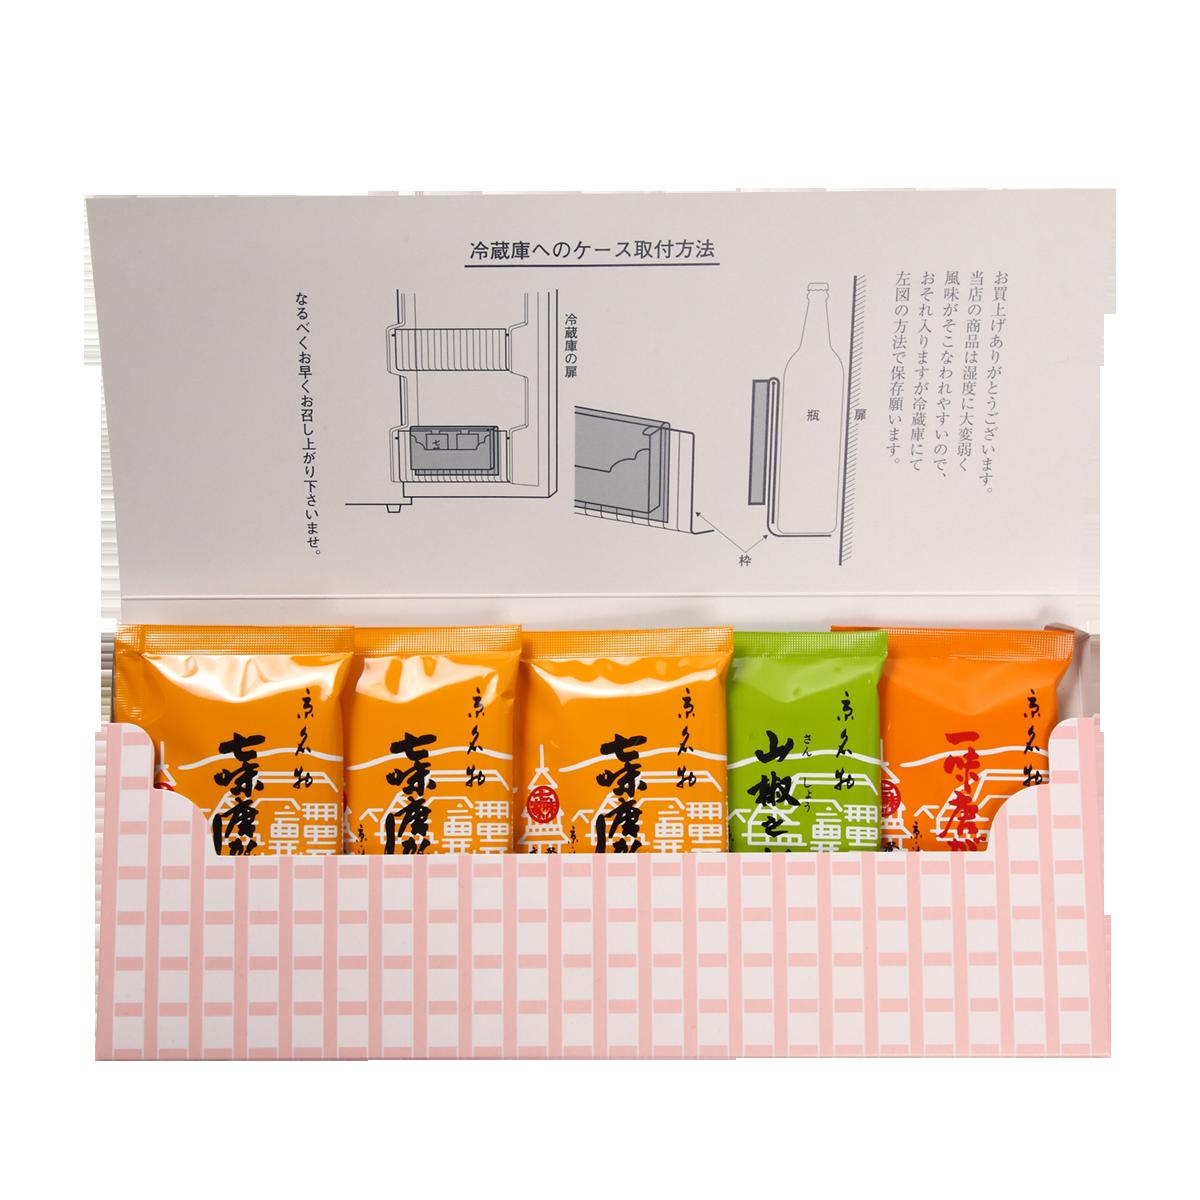 七味家セット(七味小袋3、山椒袋1、一味袋1)